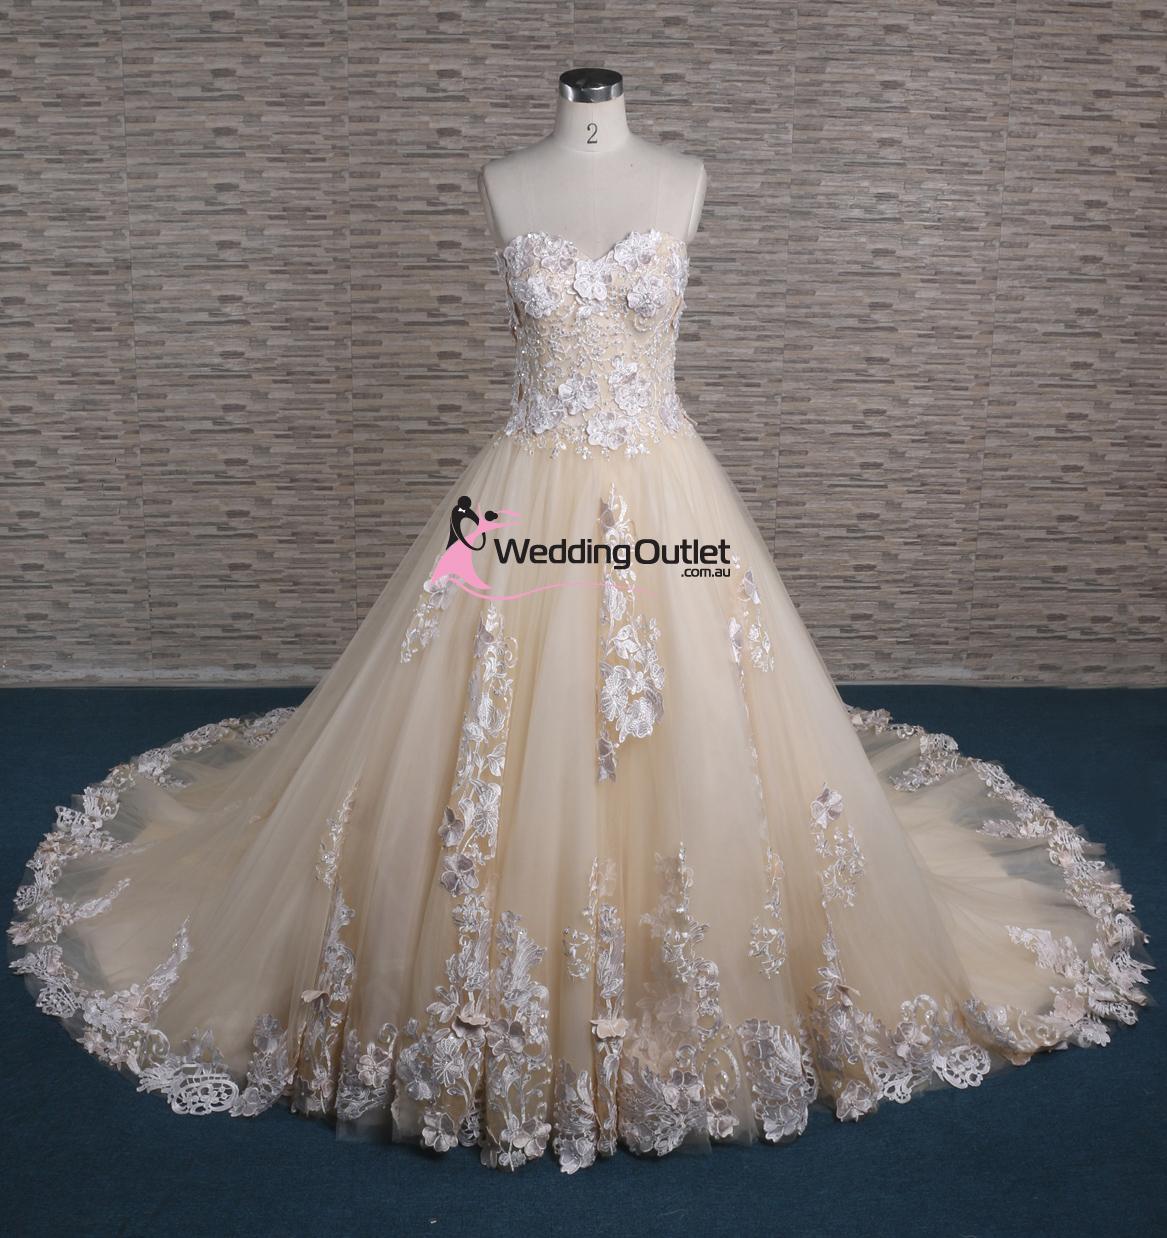 Ziggy 3D Lace Strapless Champagne Wedding Dress - WeddingOutlet.com.au